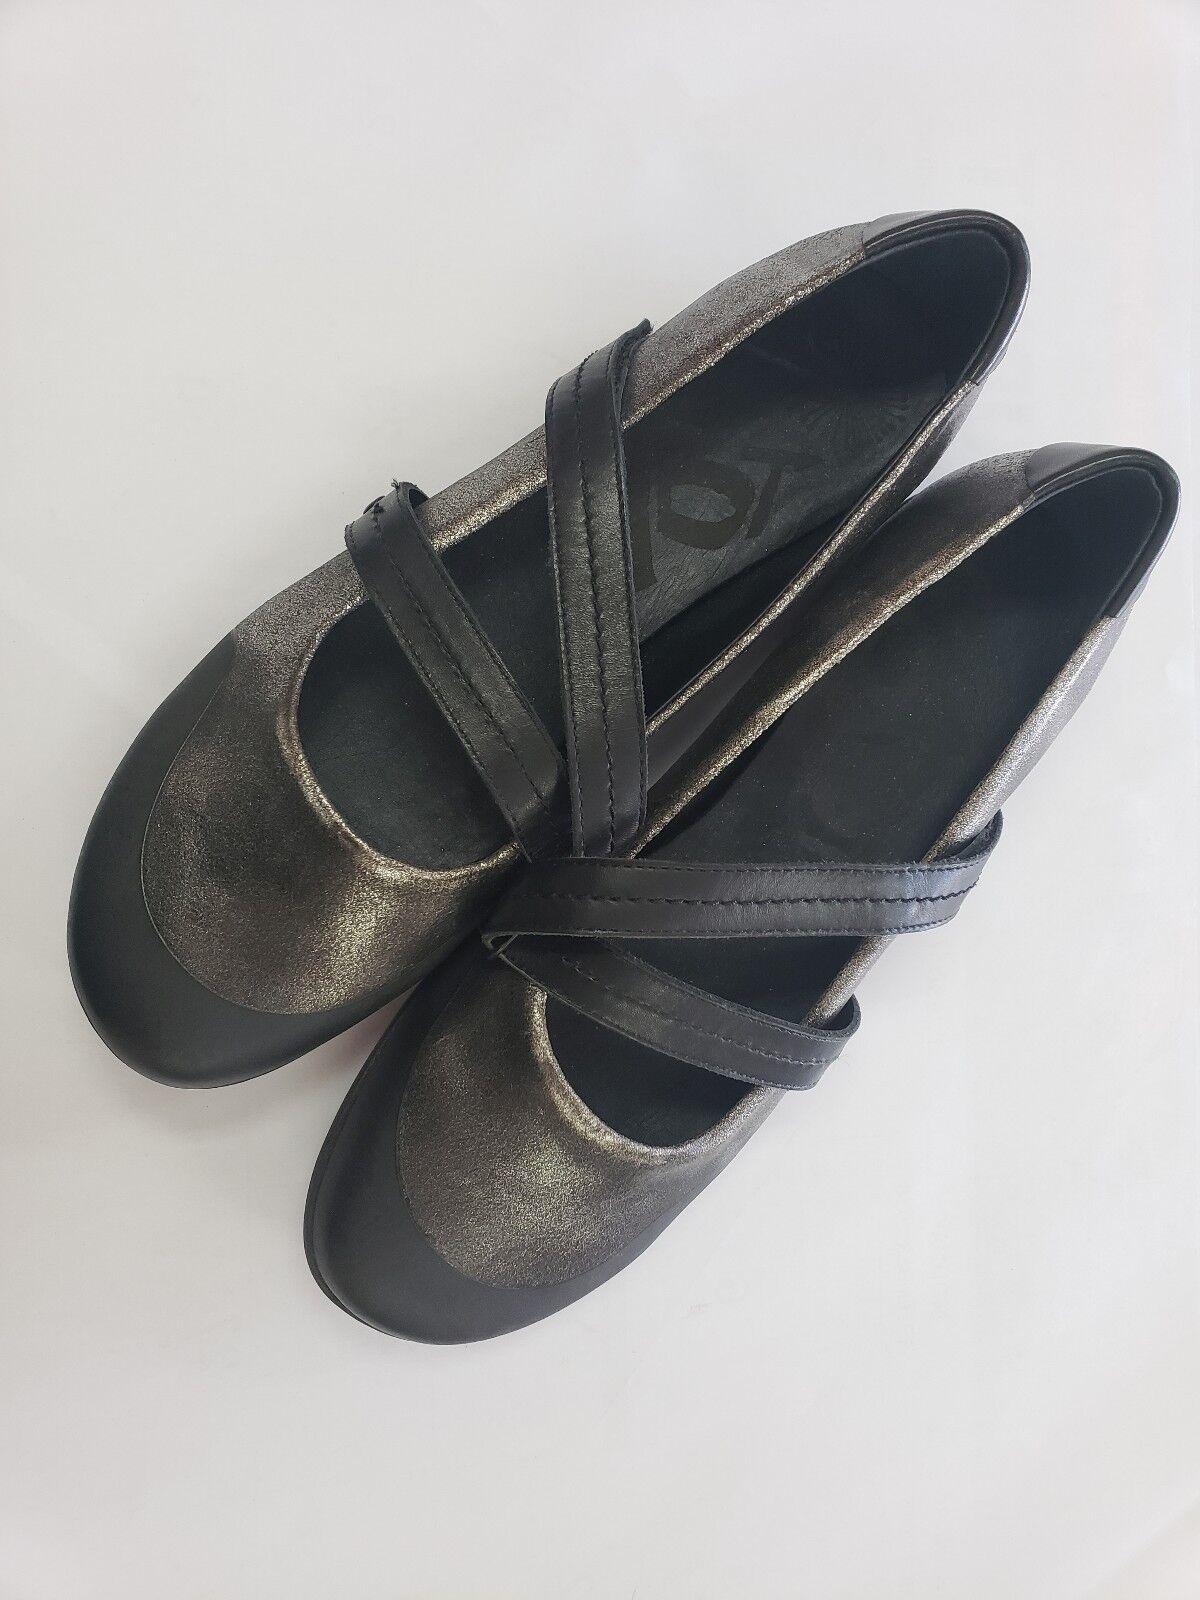 OTBT Bristol Mujer Mujer Mujer Negro Cuero Mary Jane Resbalón en Zapatos para mujer Talla 9.5 M  artículos novedosos